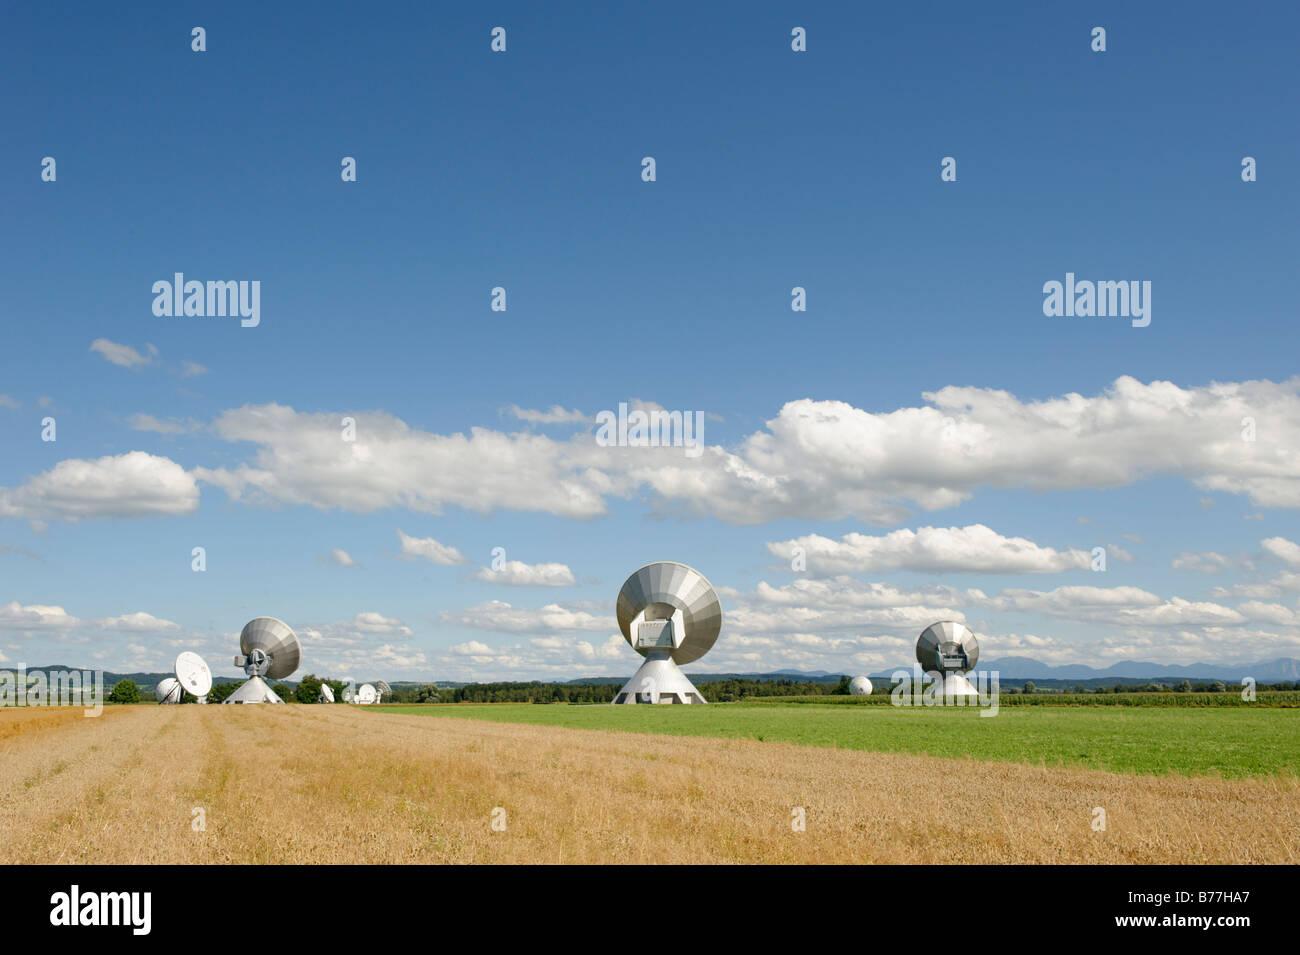 Bodenstation Antennen, Radioteleskop, in der Nähe von Raisting, Upper Bavaria, Bayern, Deutschland, Europa Stockbild